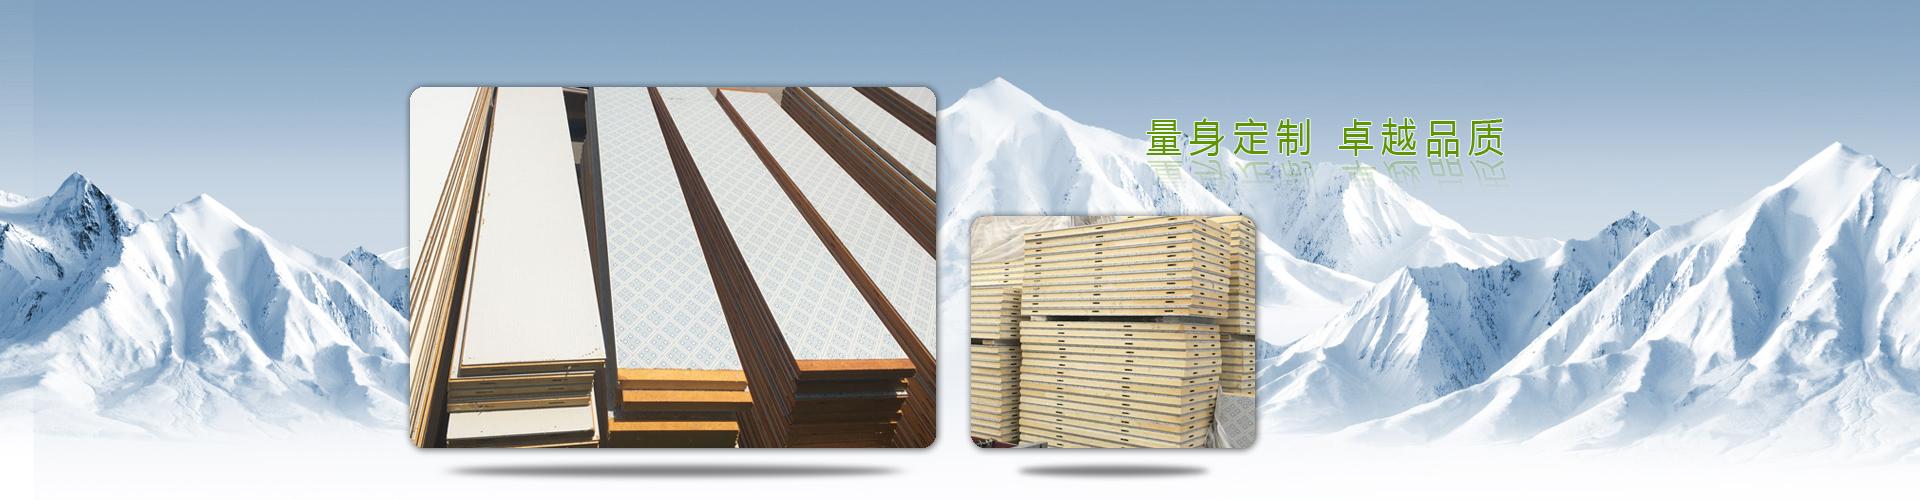 广东冷库板,广州冷风机,海南制冷压缩机,湛江冷库板厂家